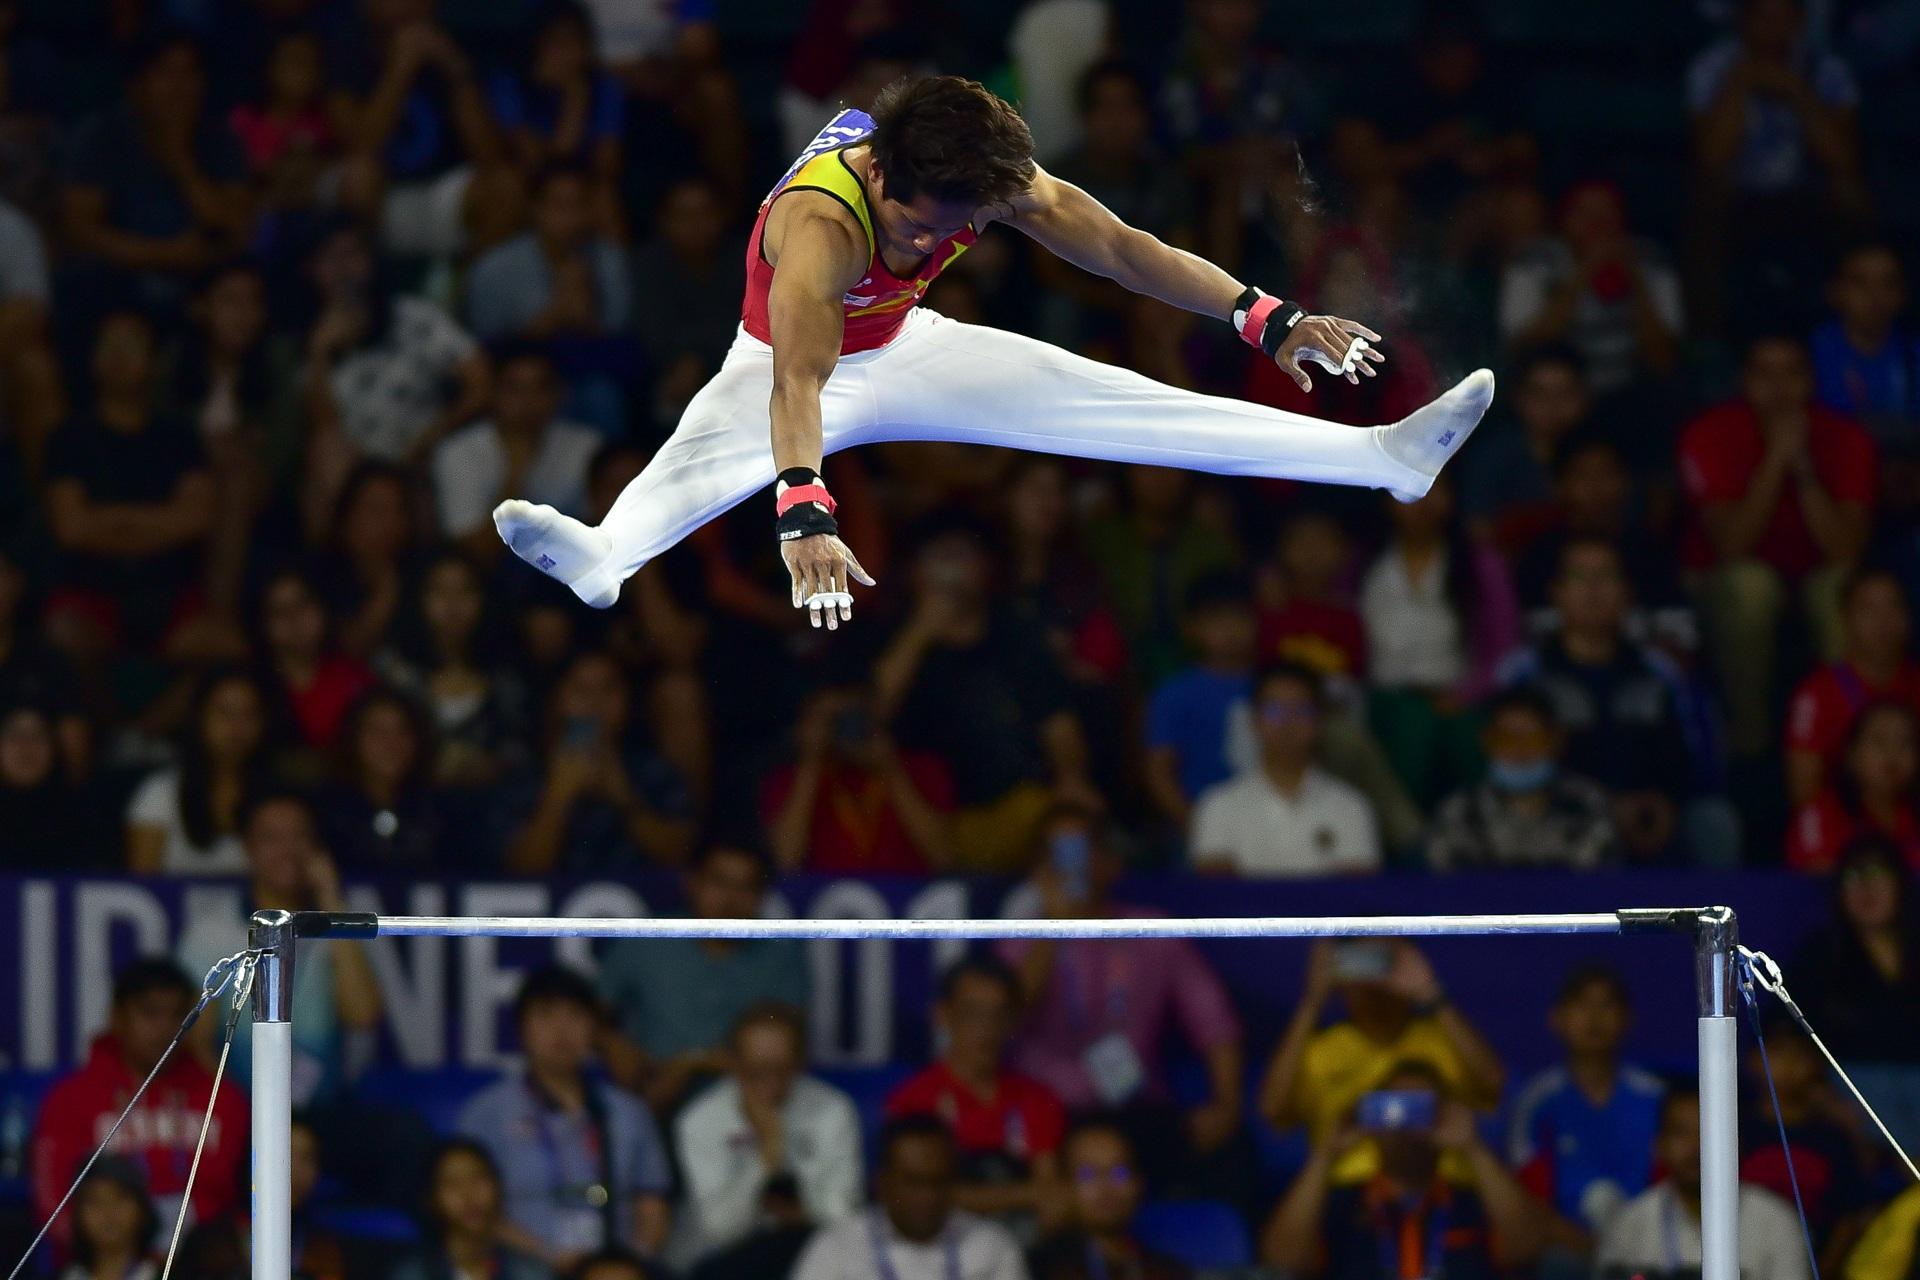 Những khoảnh khắc ấn tượng trong môn thi Thể dục dụng cụ - 12